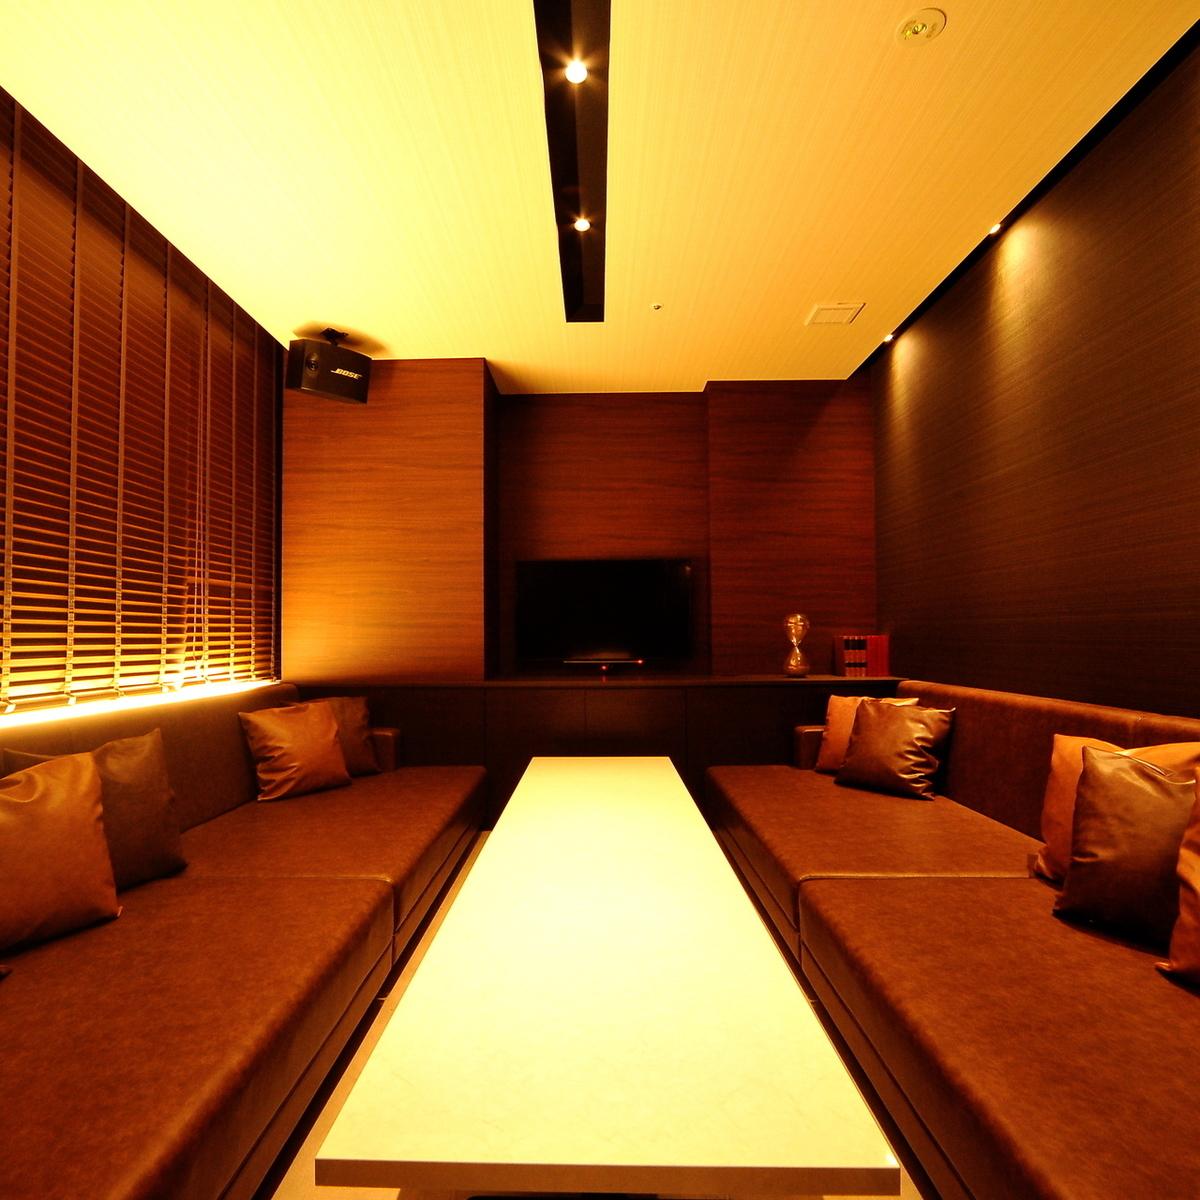 【ROOM 008】私人房間最多可容納10人/舒適的沙發麵向風格,寬敞典雅,現代混合。非常適合用餐和娛樂。